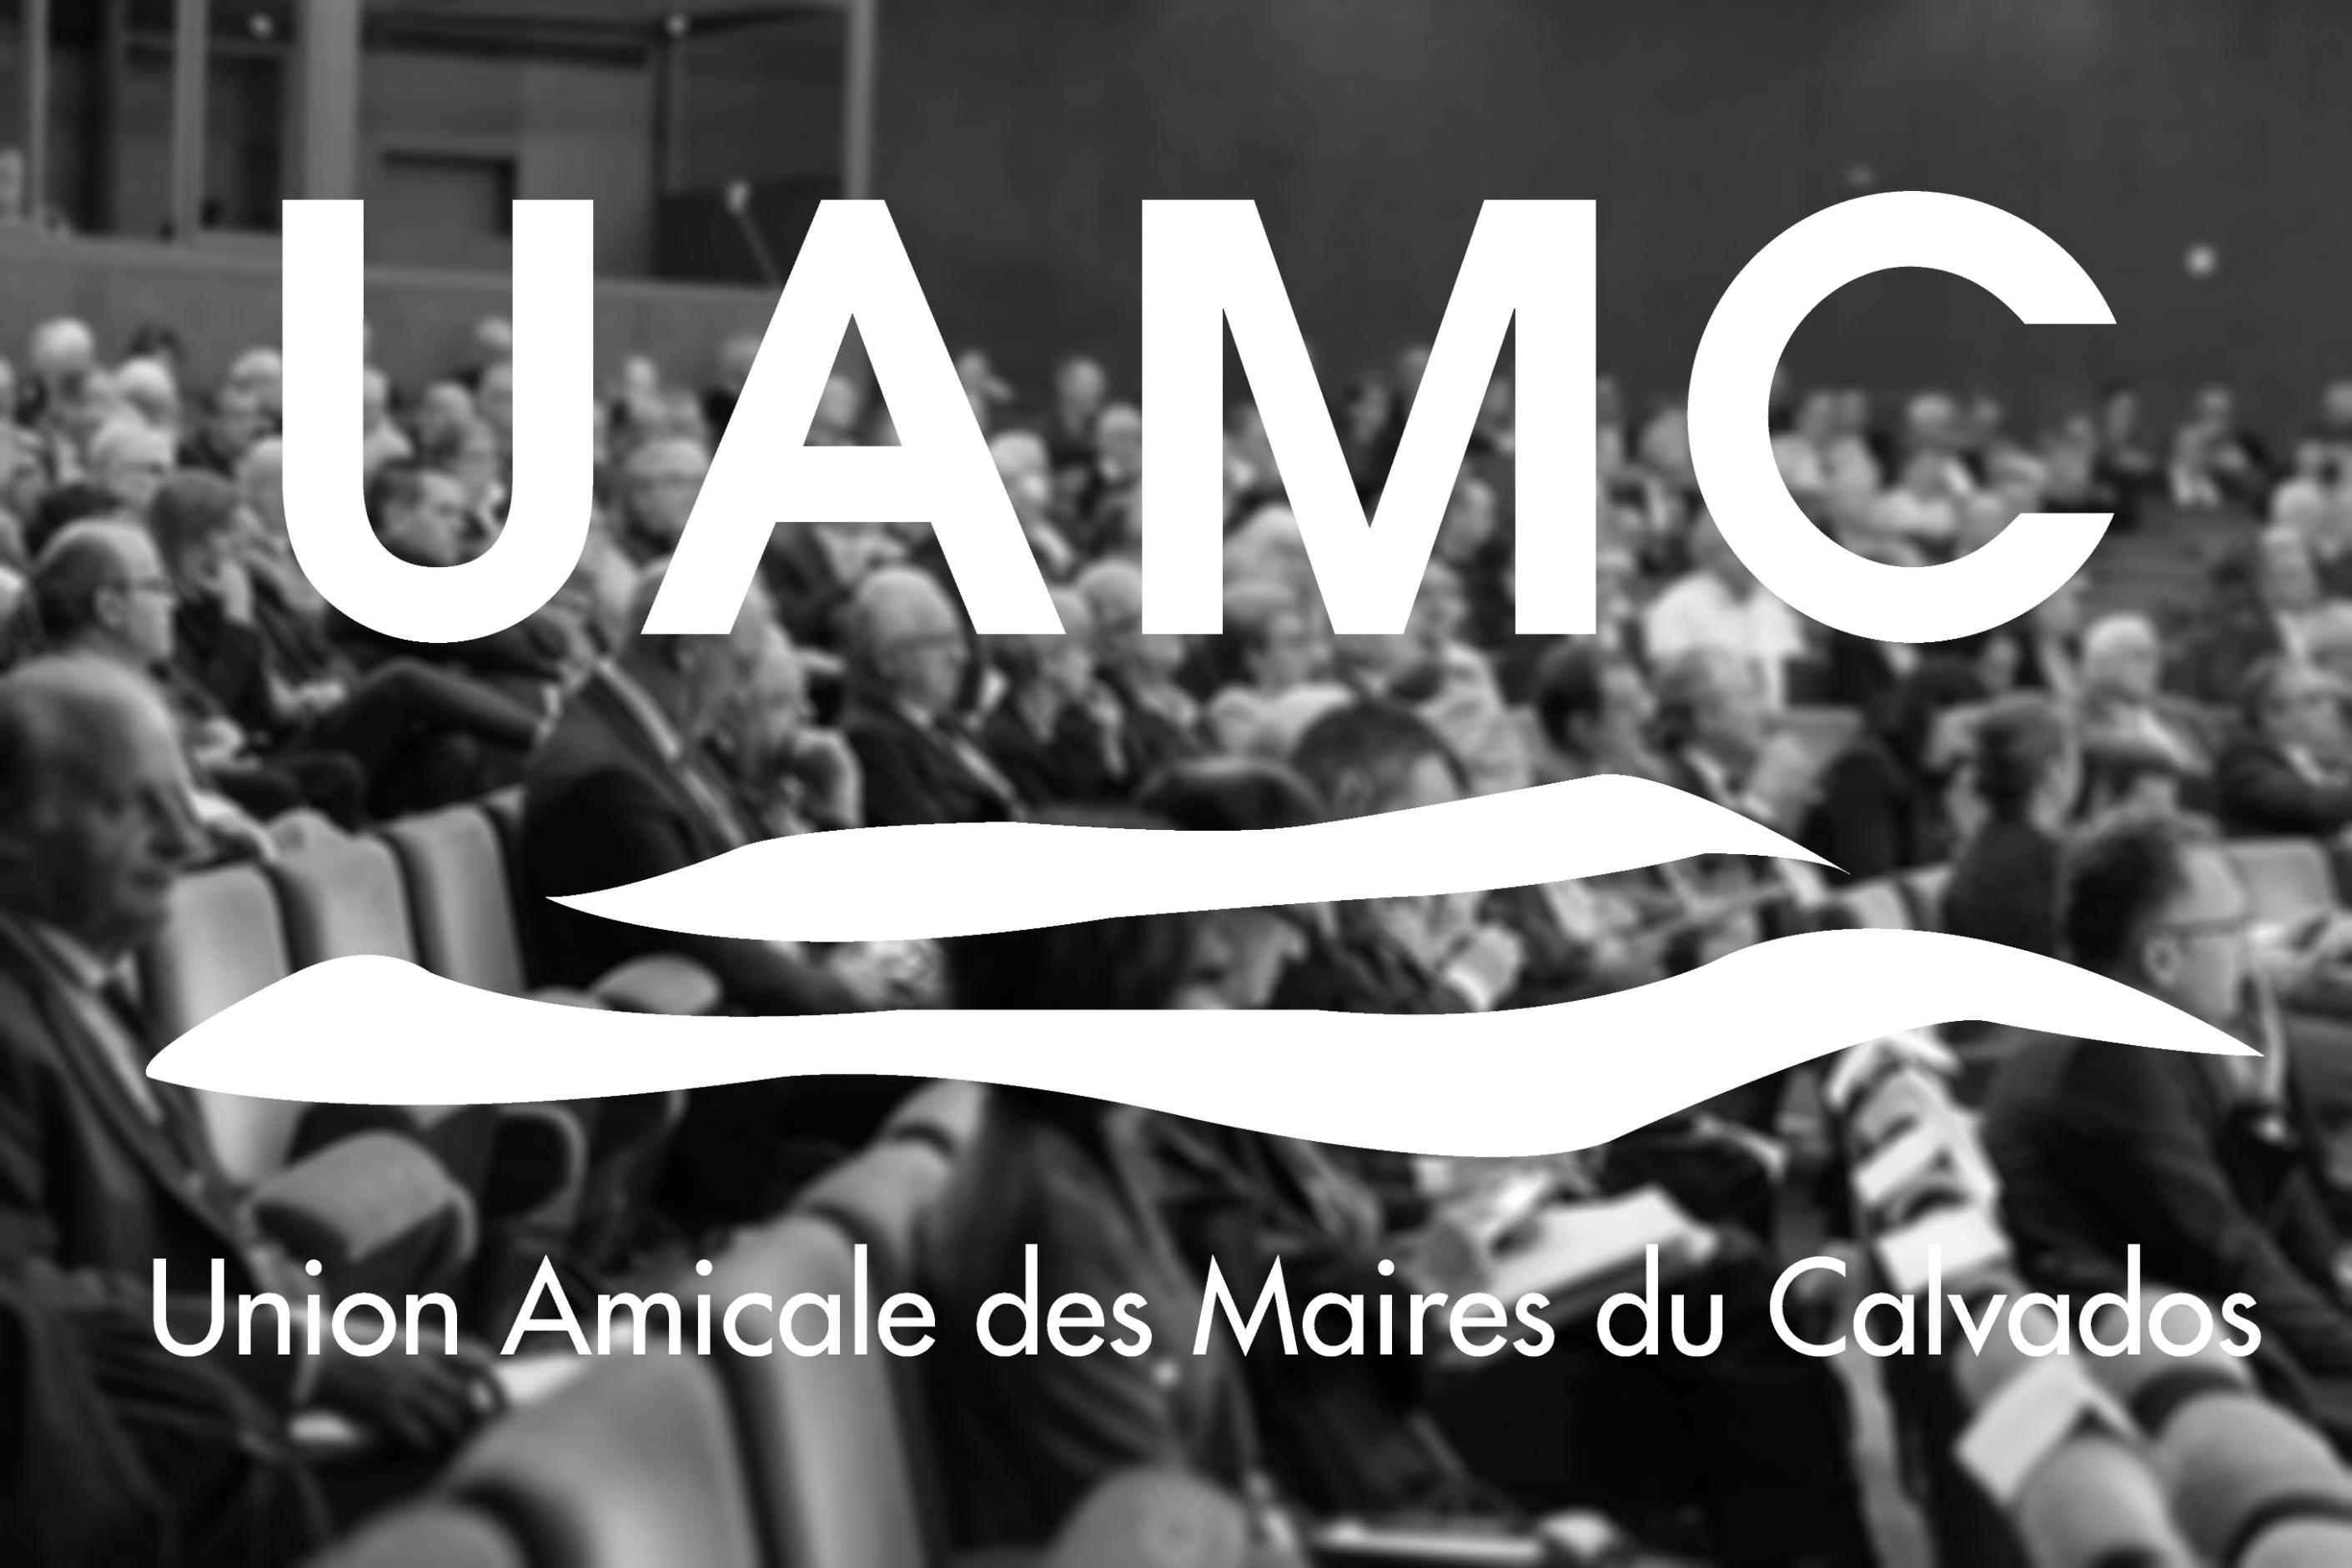 Assemblée Générale de l'UAMC